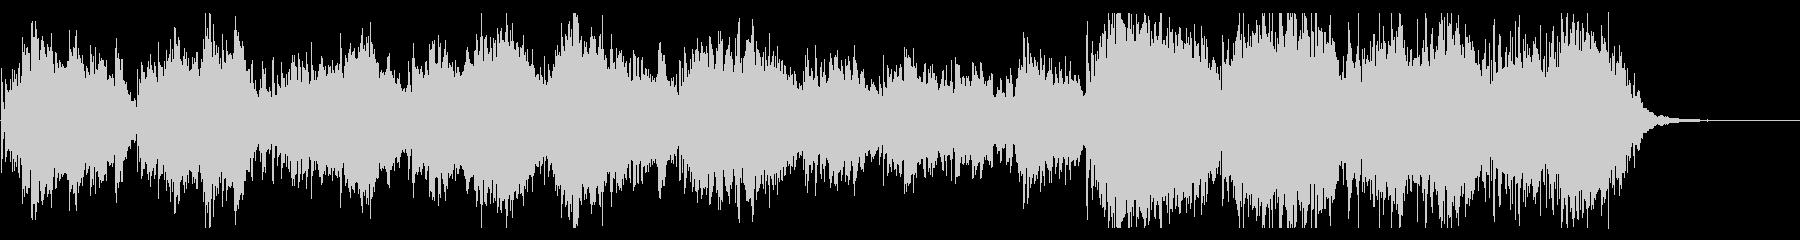 ピアノとチェロが彩るポスト・クラシカル曲の未再生の波形